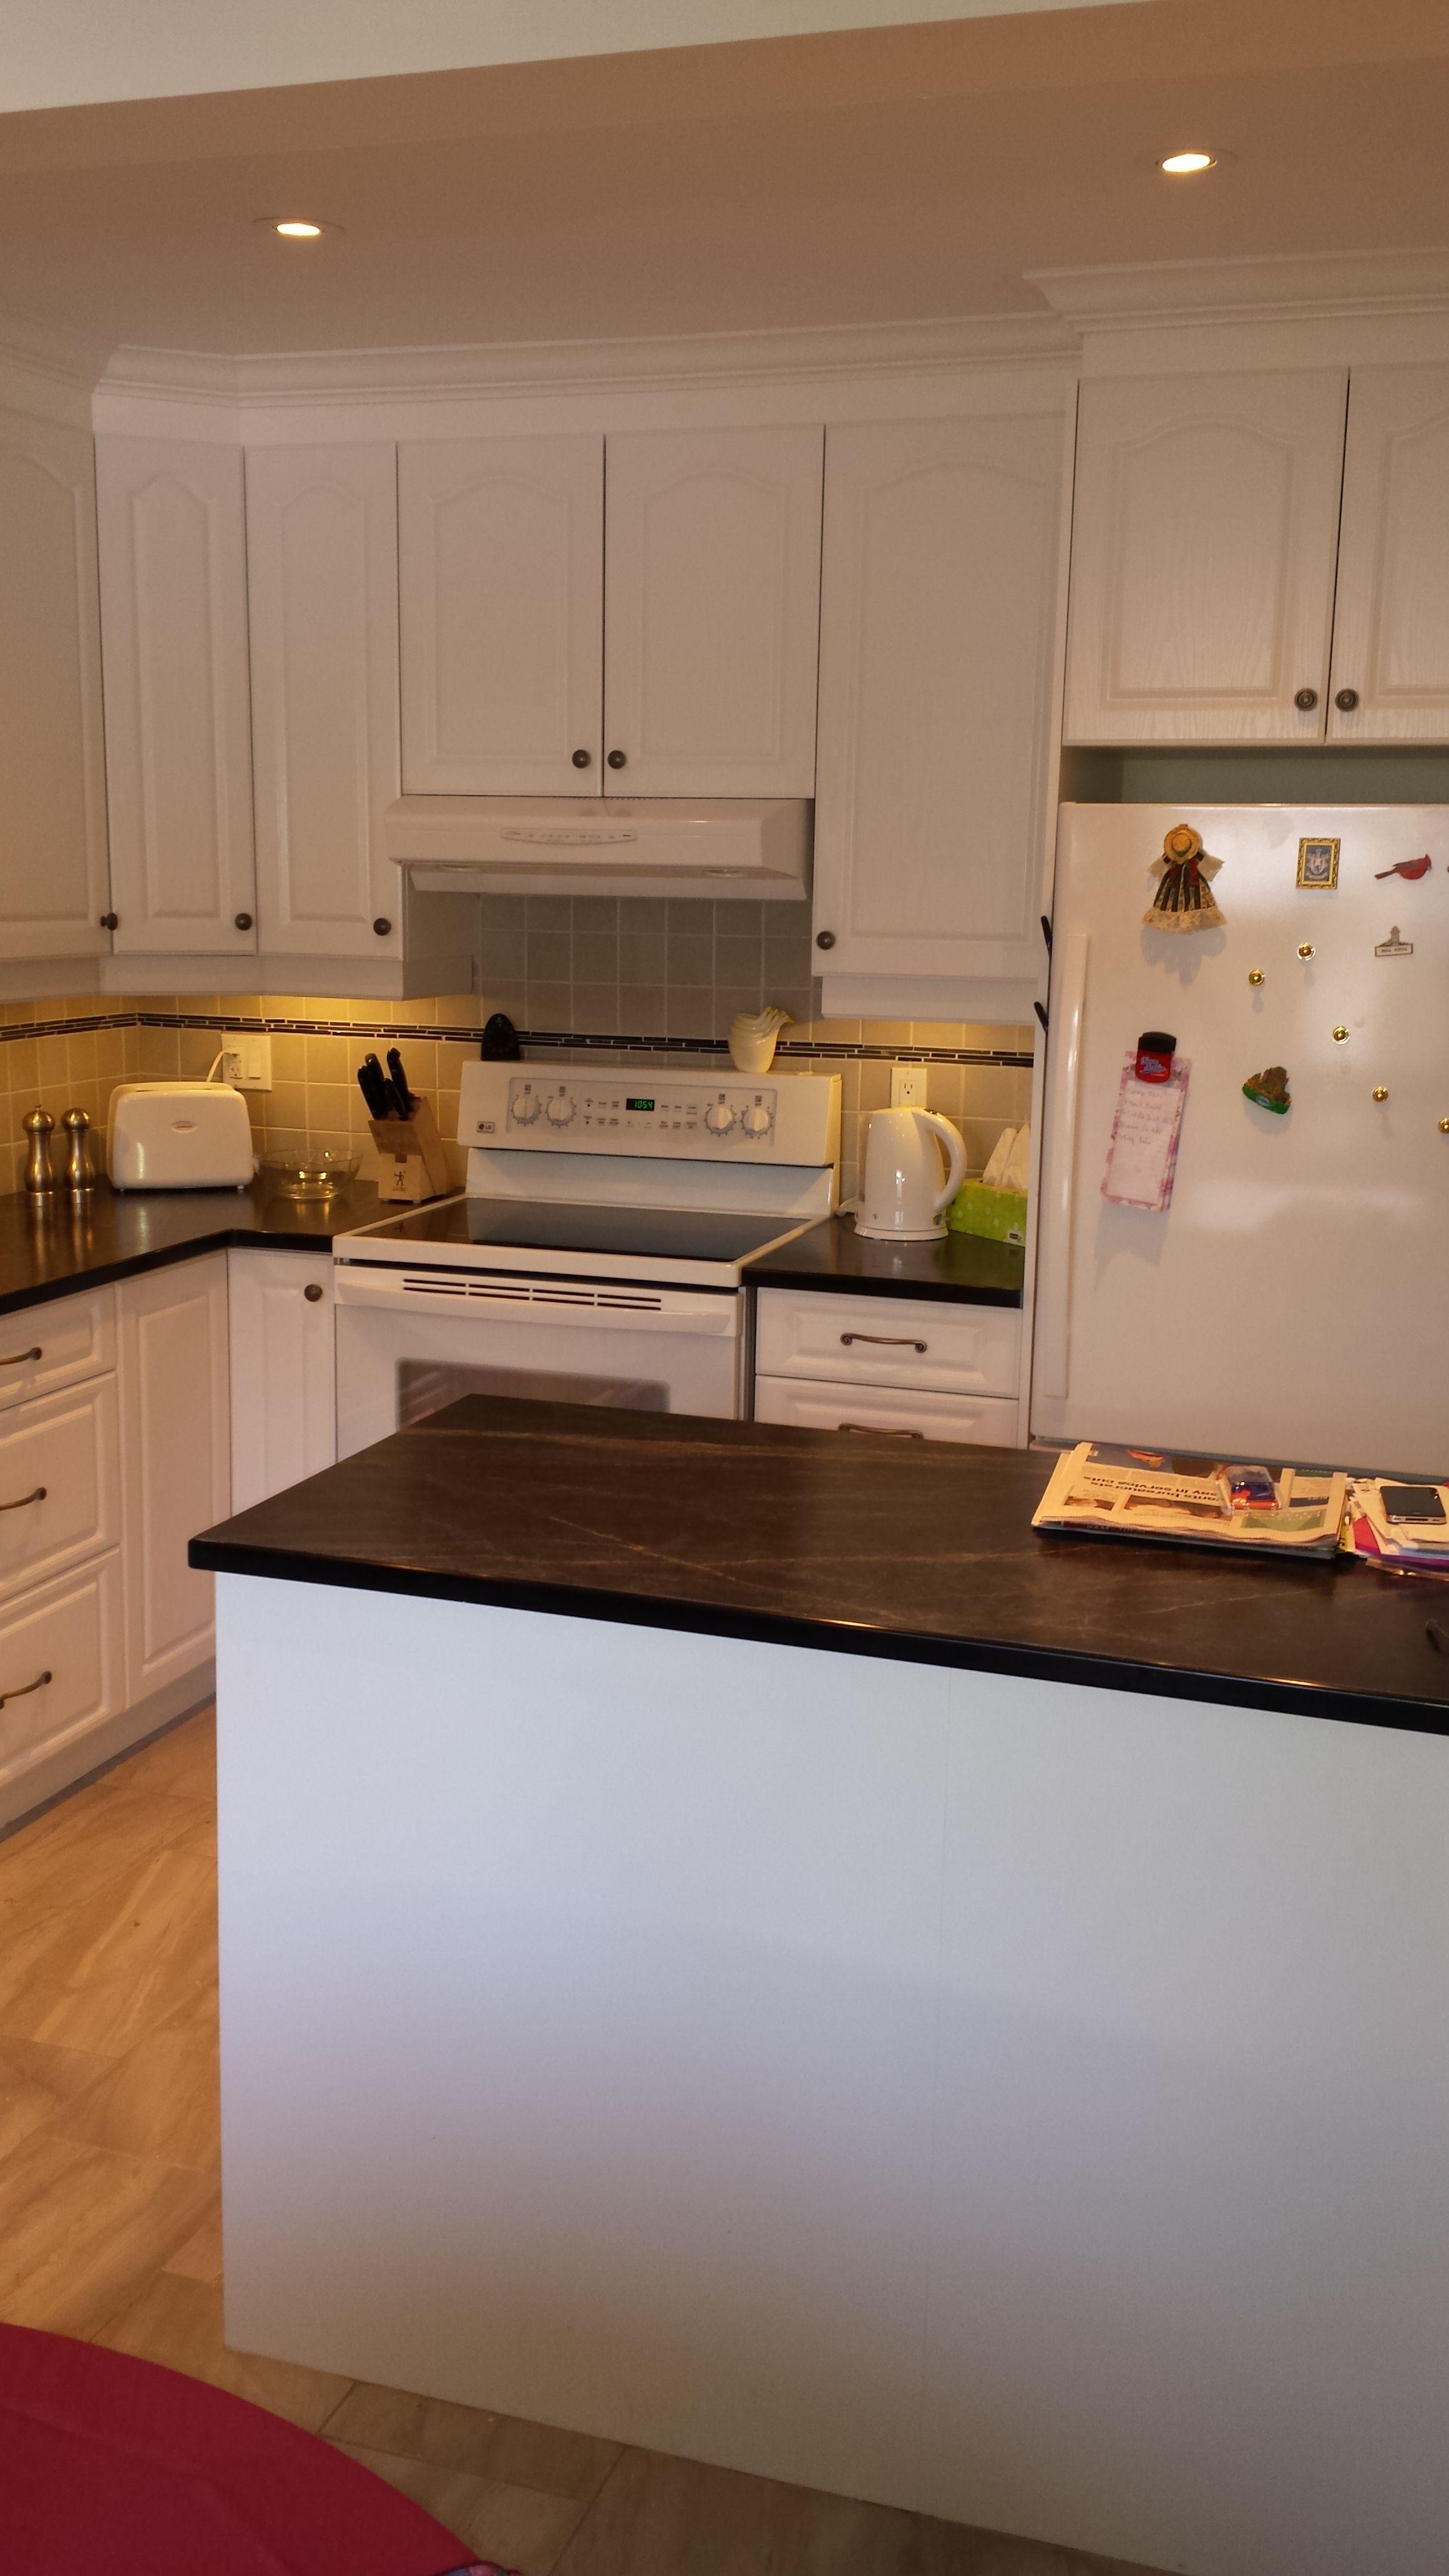 Famoso Reico Baño Cocina Raleigh Nc Ideas Ornamento Elaboración ...